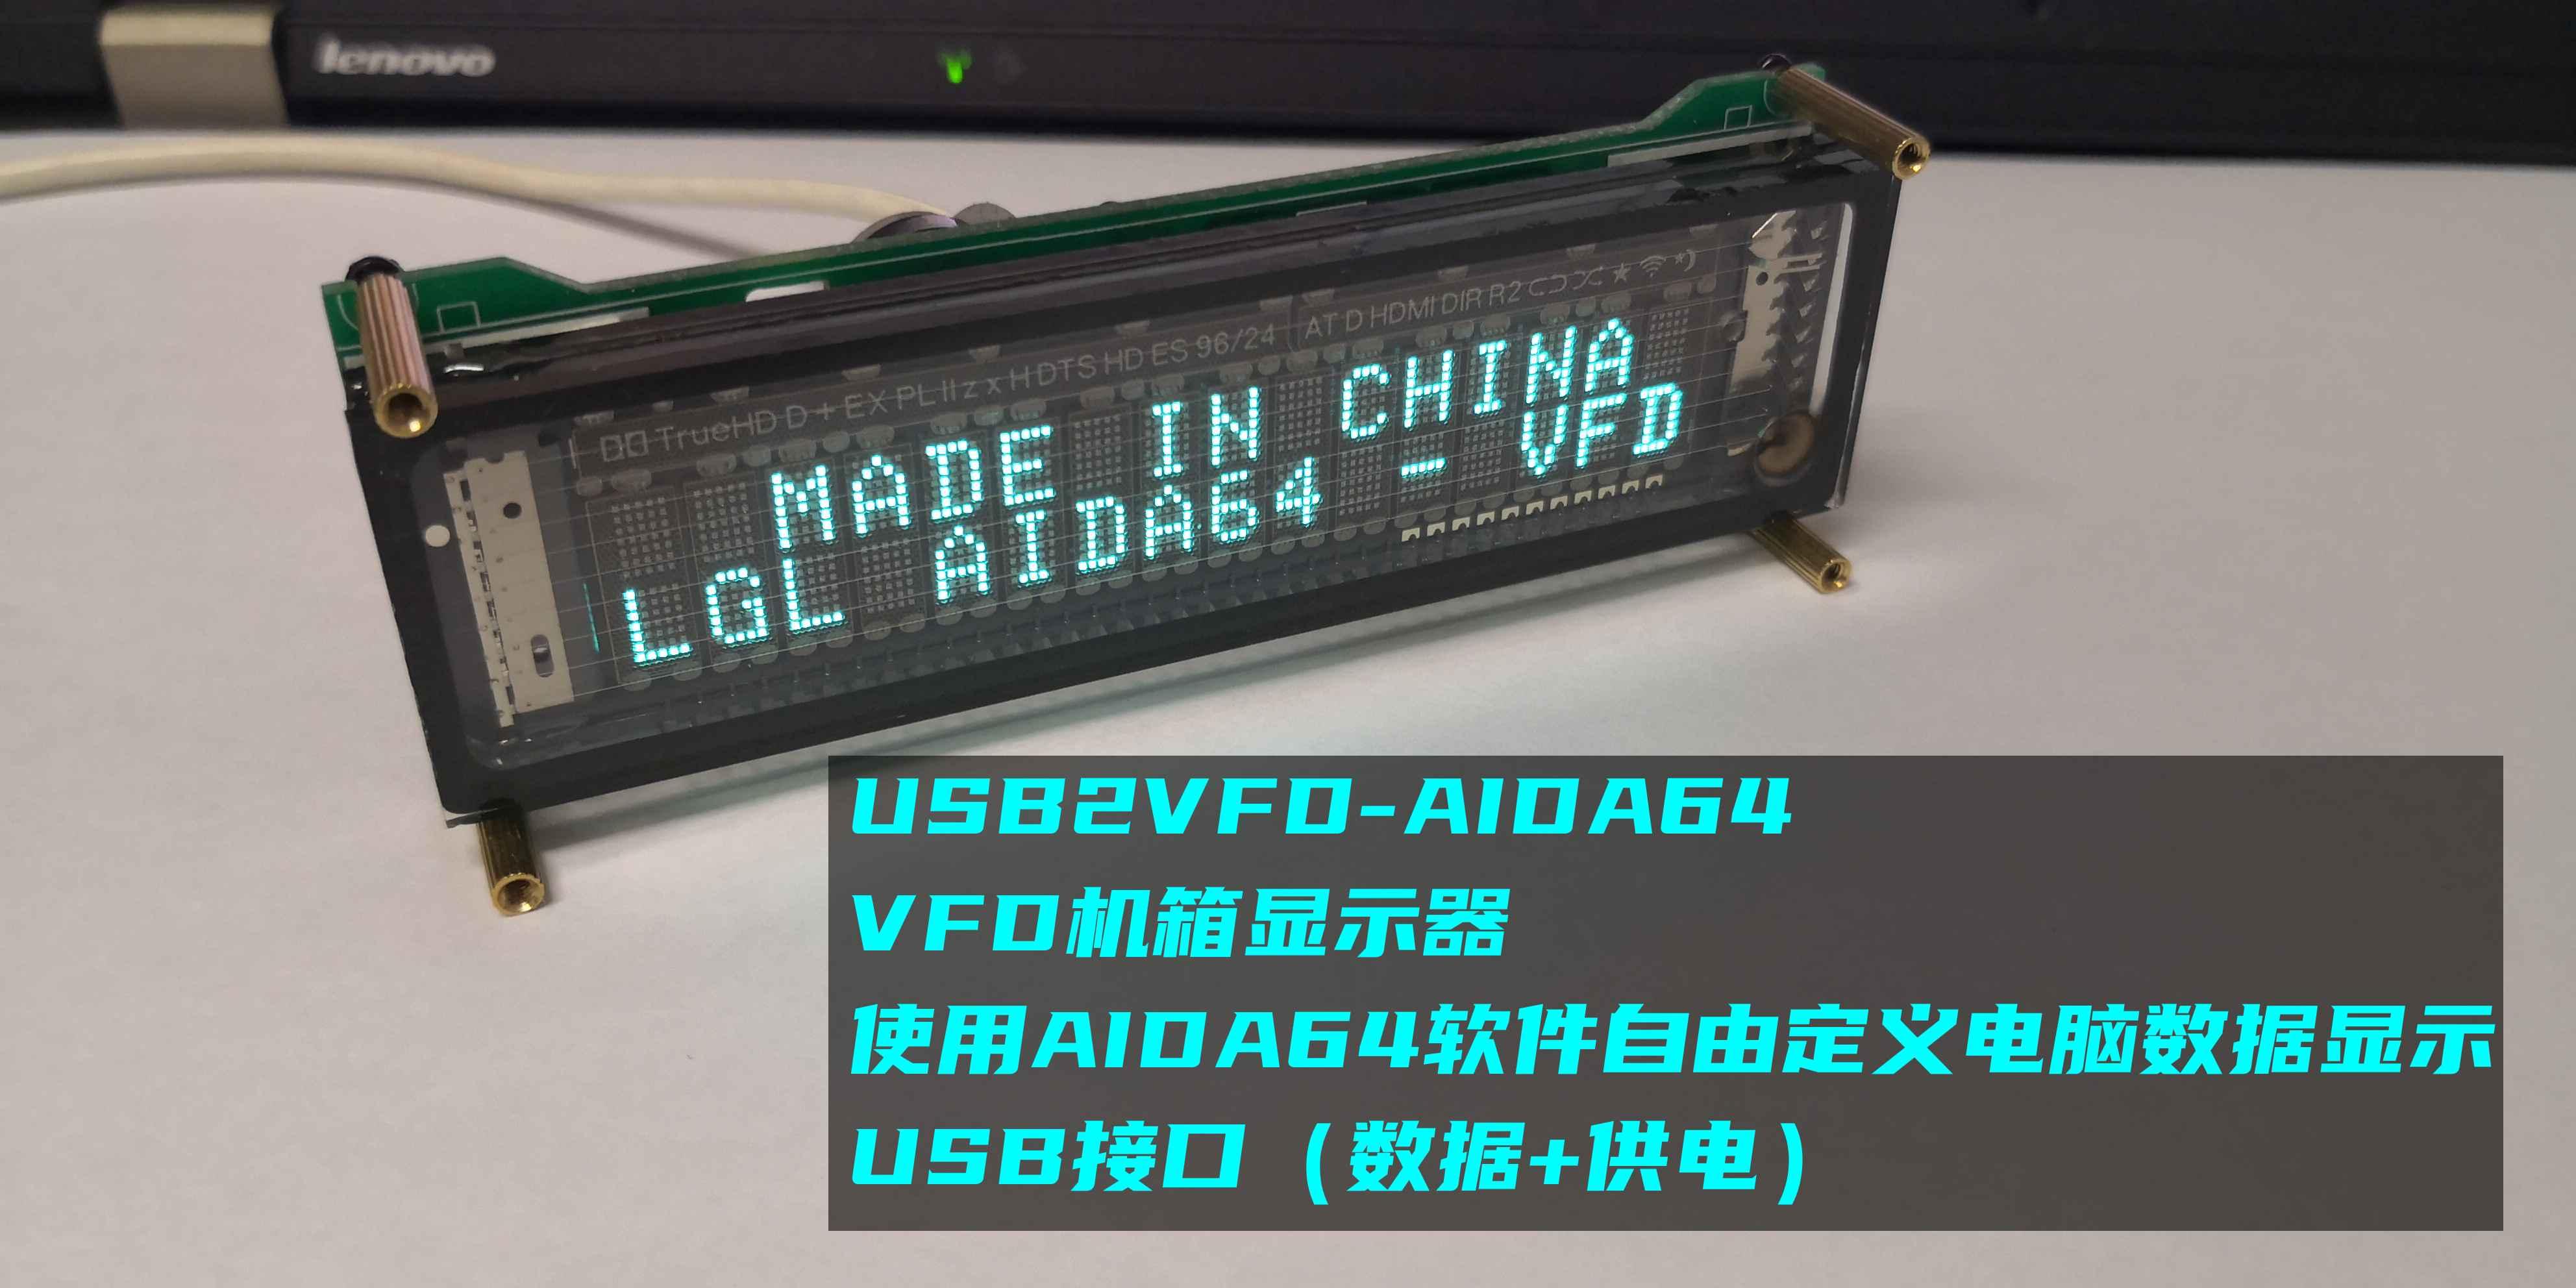 Дисплей шасси USB2VFD AIDA64, дисплей VFD AIDA64, sub screen,